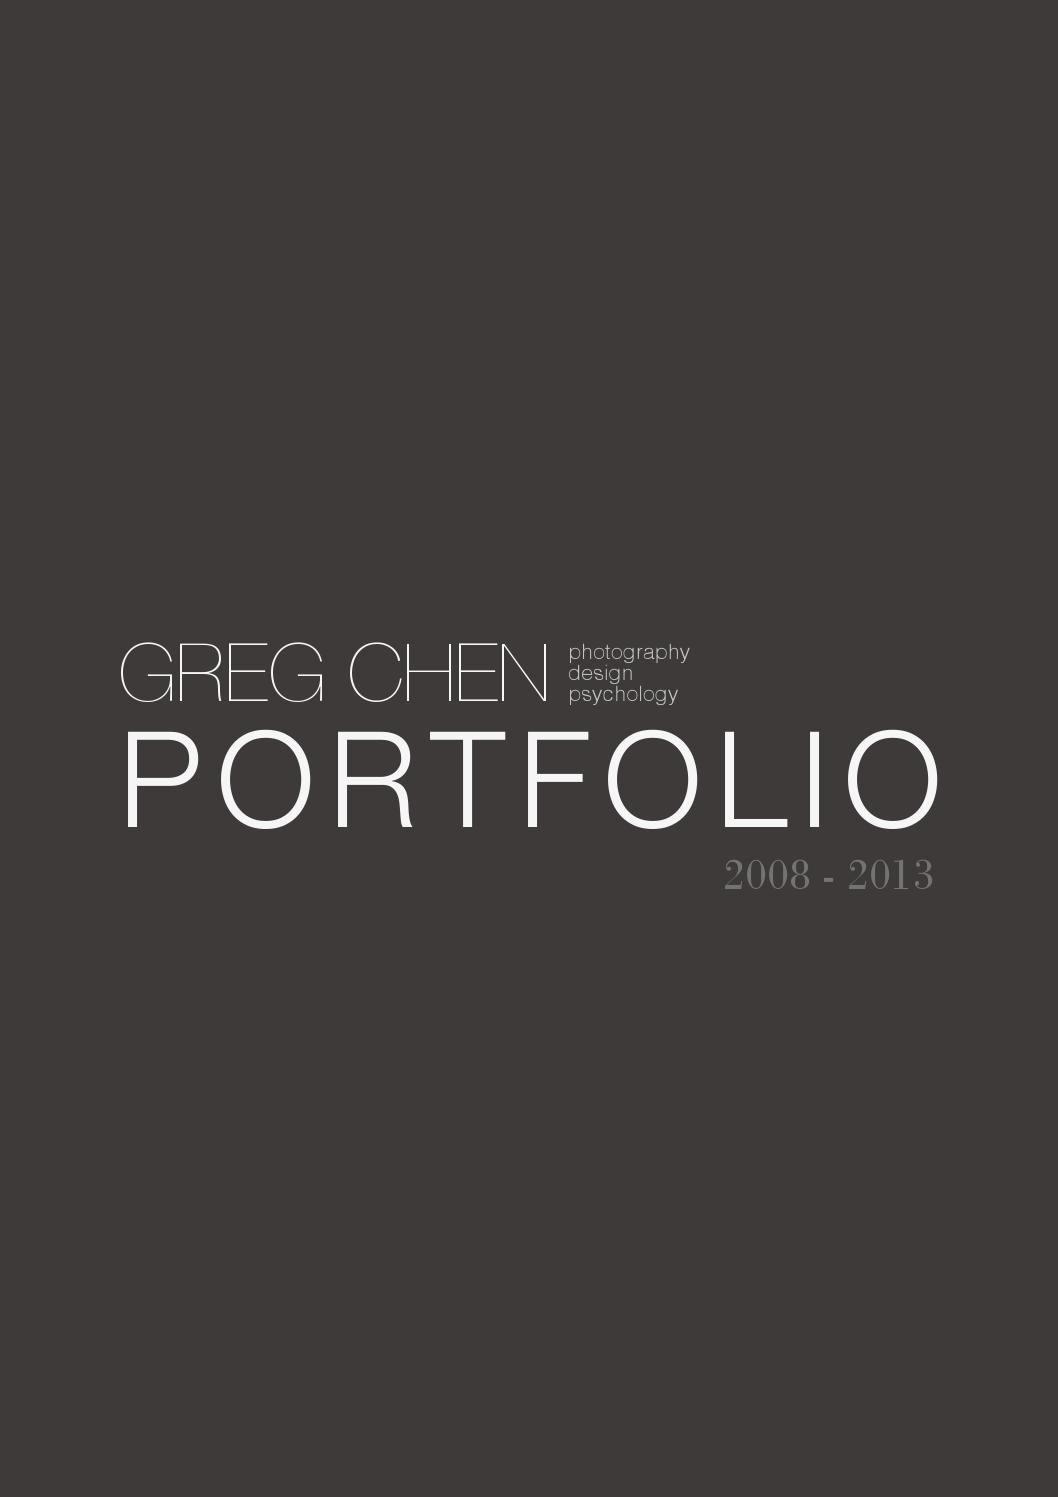 Greg Chen Design Portfolio 2013 by Greg Chen issuu